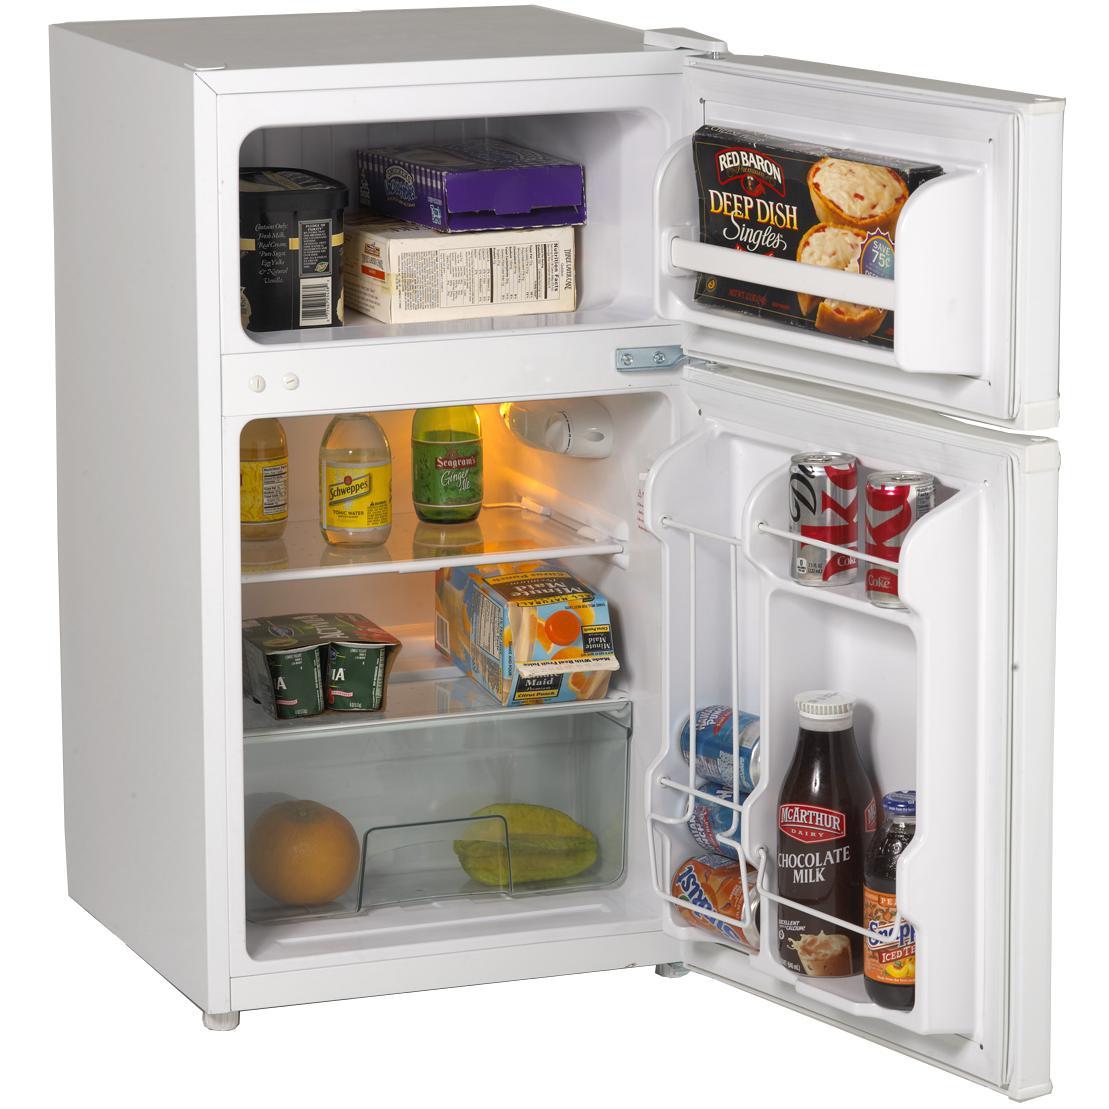 Avanti 3.1 Cu. Ft. ADA Compliant Compact Refrigerator ...